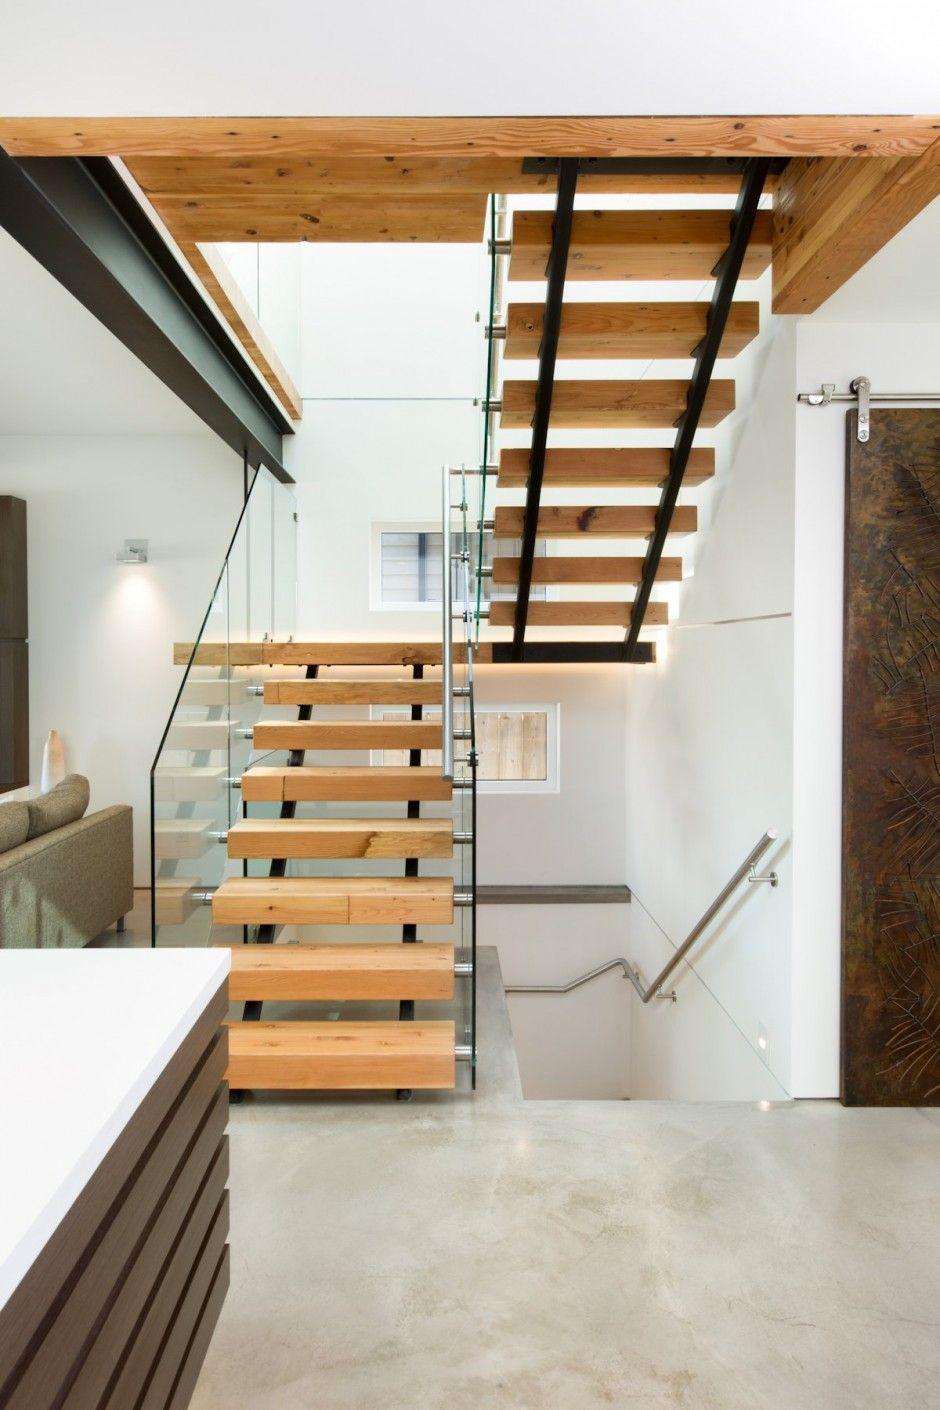 Fachada de casa moderna de dos pisos ecol gica con for Departamentos arquitectura moderna